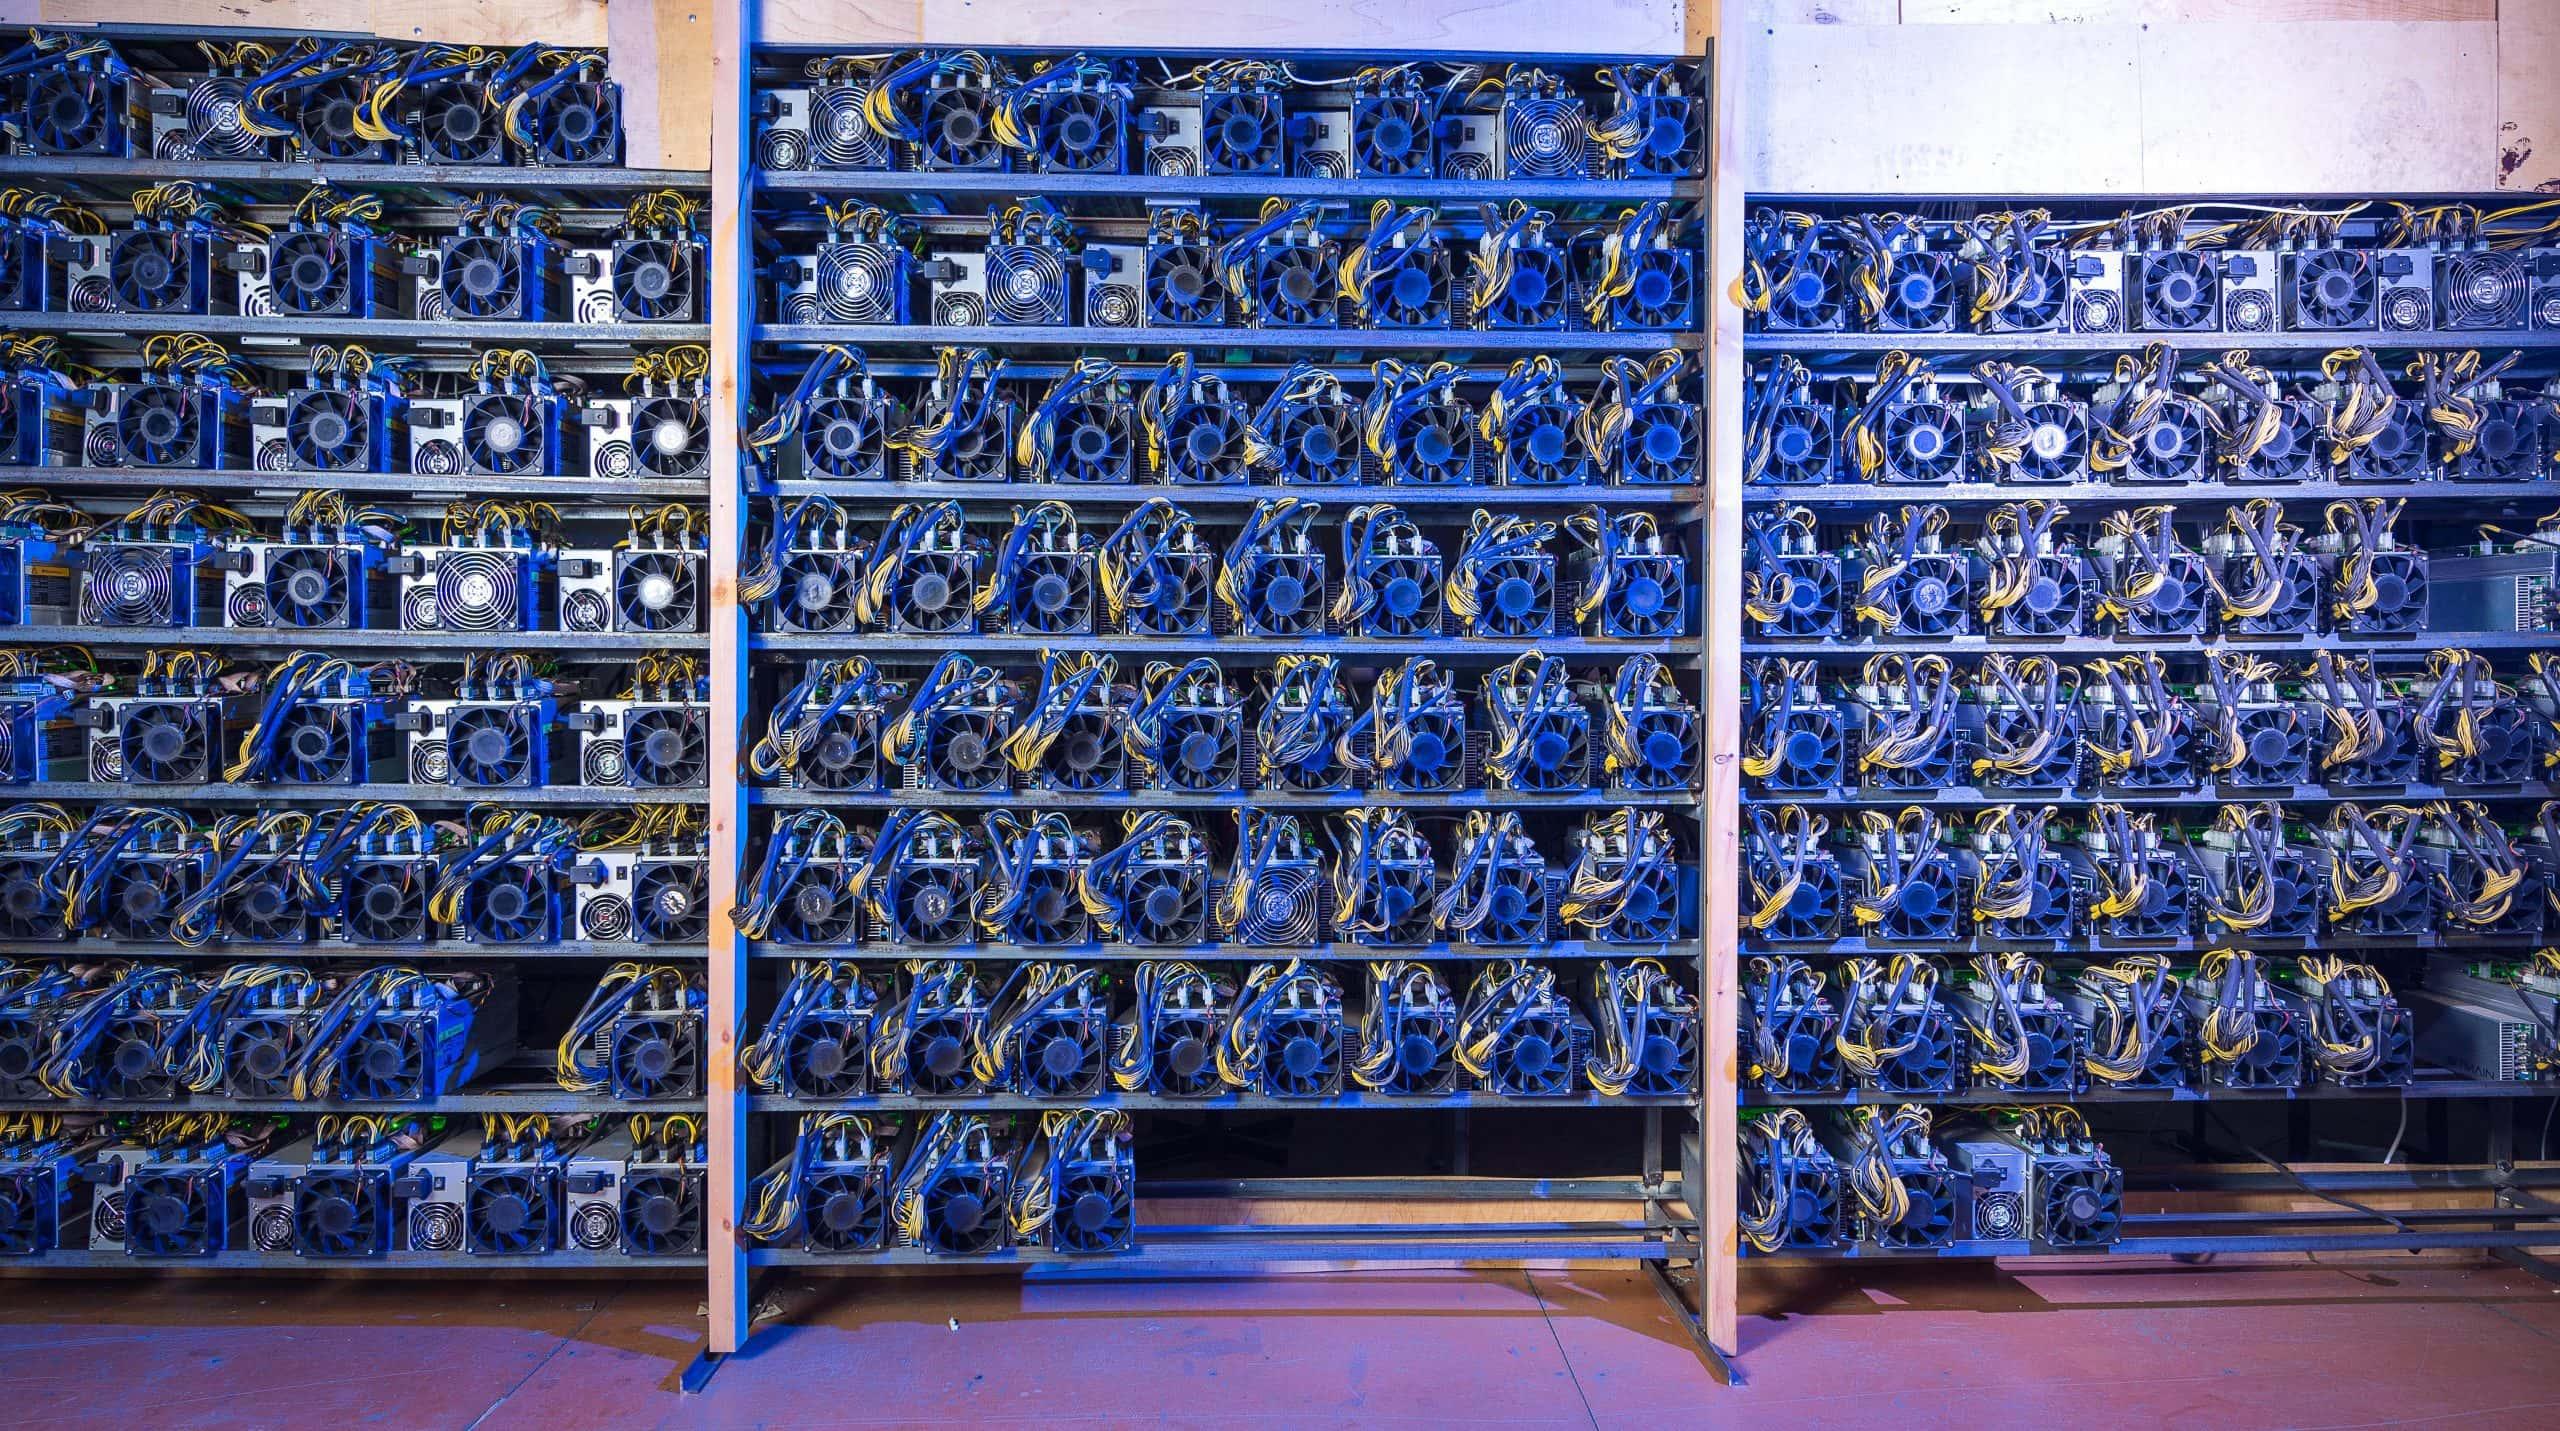 Mining à la Square: Jack Dorsey will nach Bitcoin graben